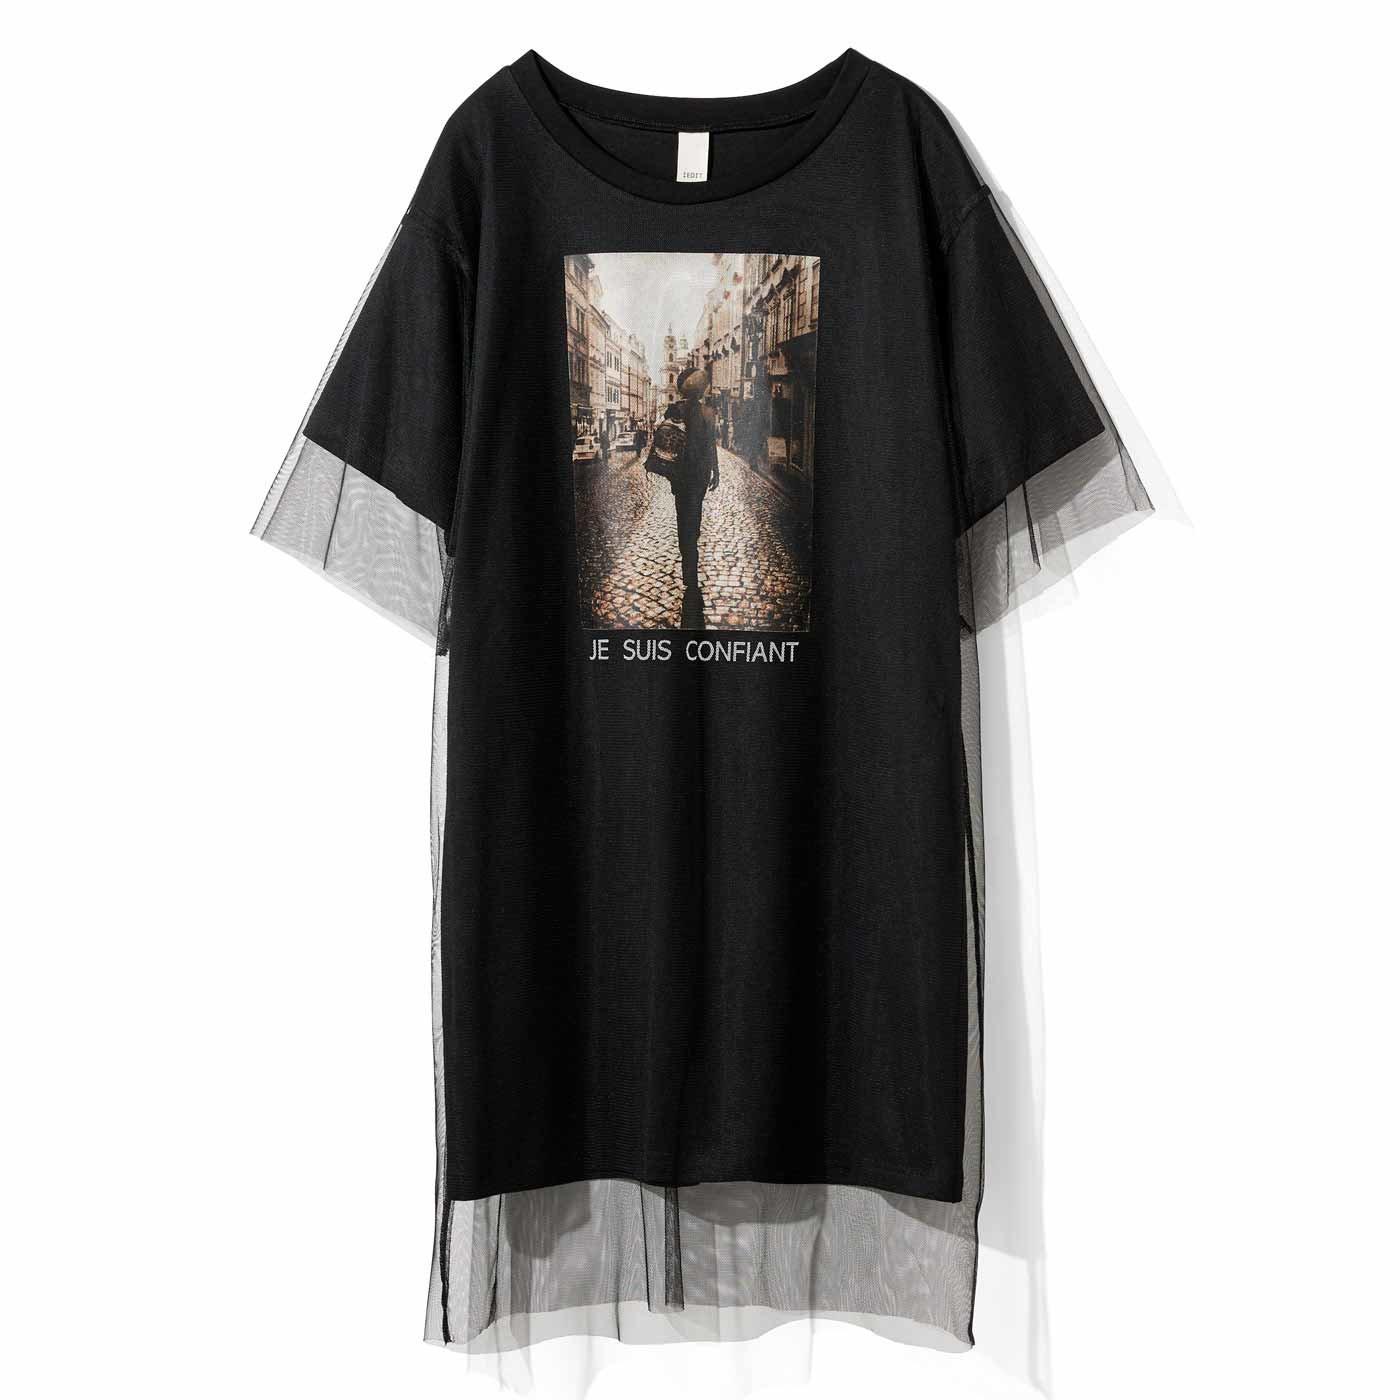 IEDIT[イディット] グラフィックプリントのレイヤードビッグTシャツ〈ブラック〉